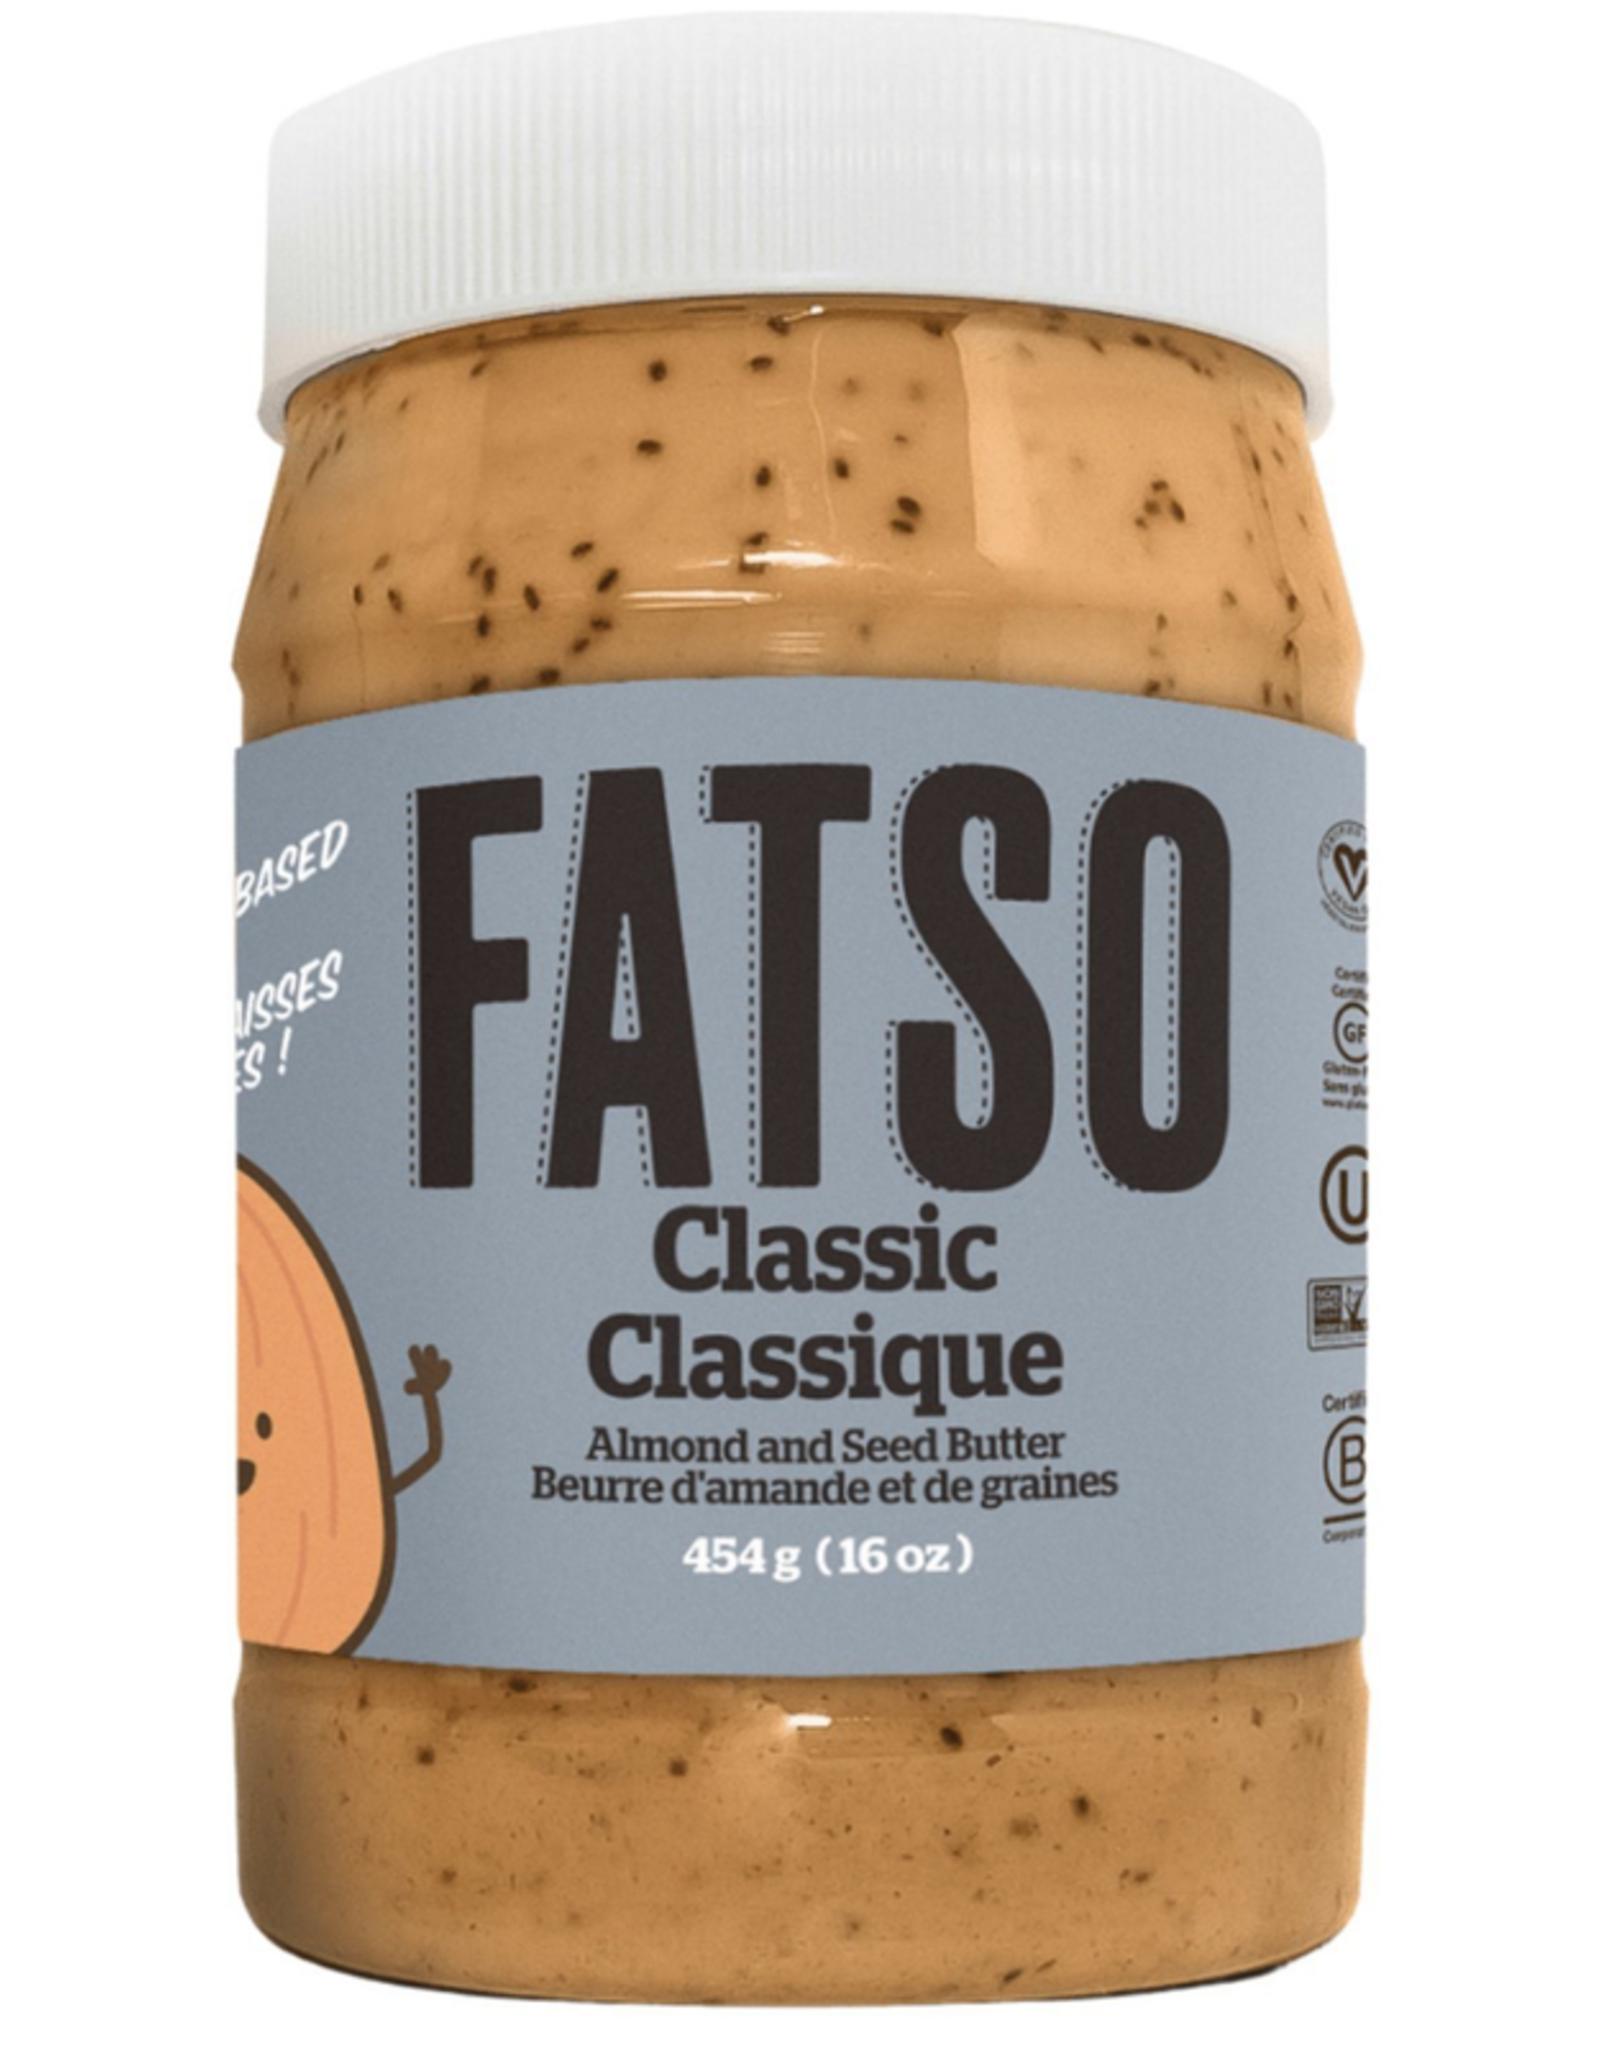 Fatso Fatso - Beurre d'Amandes, Classique (454g)